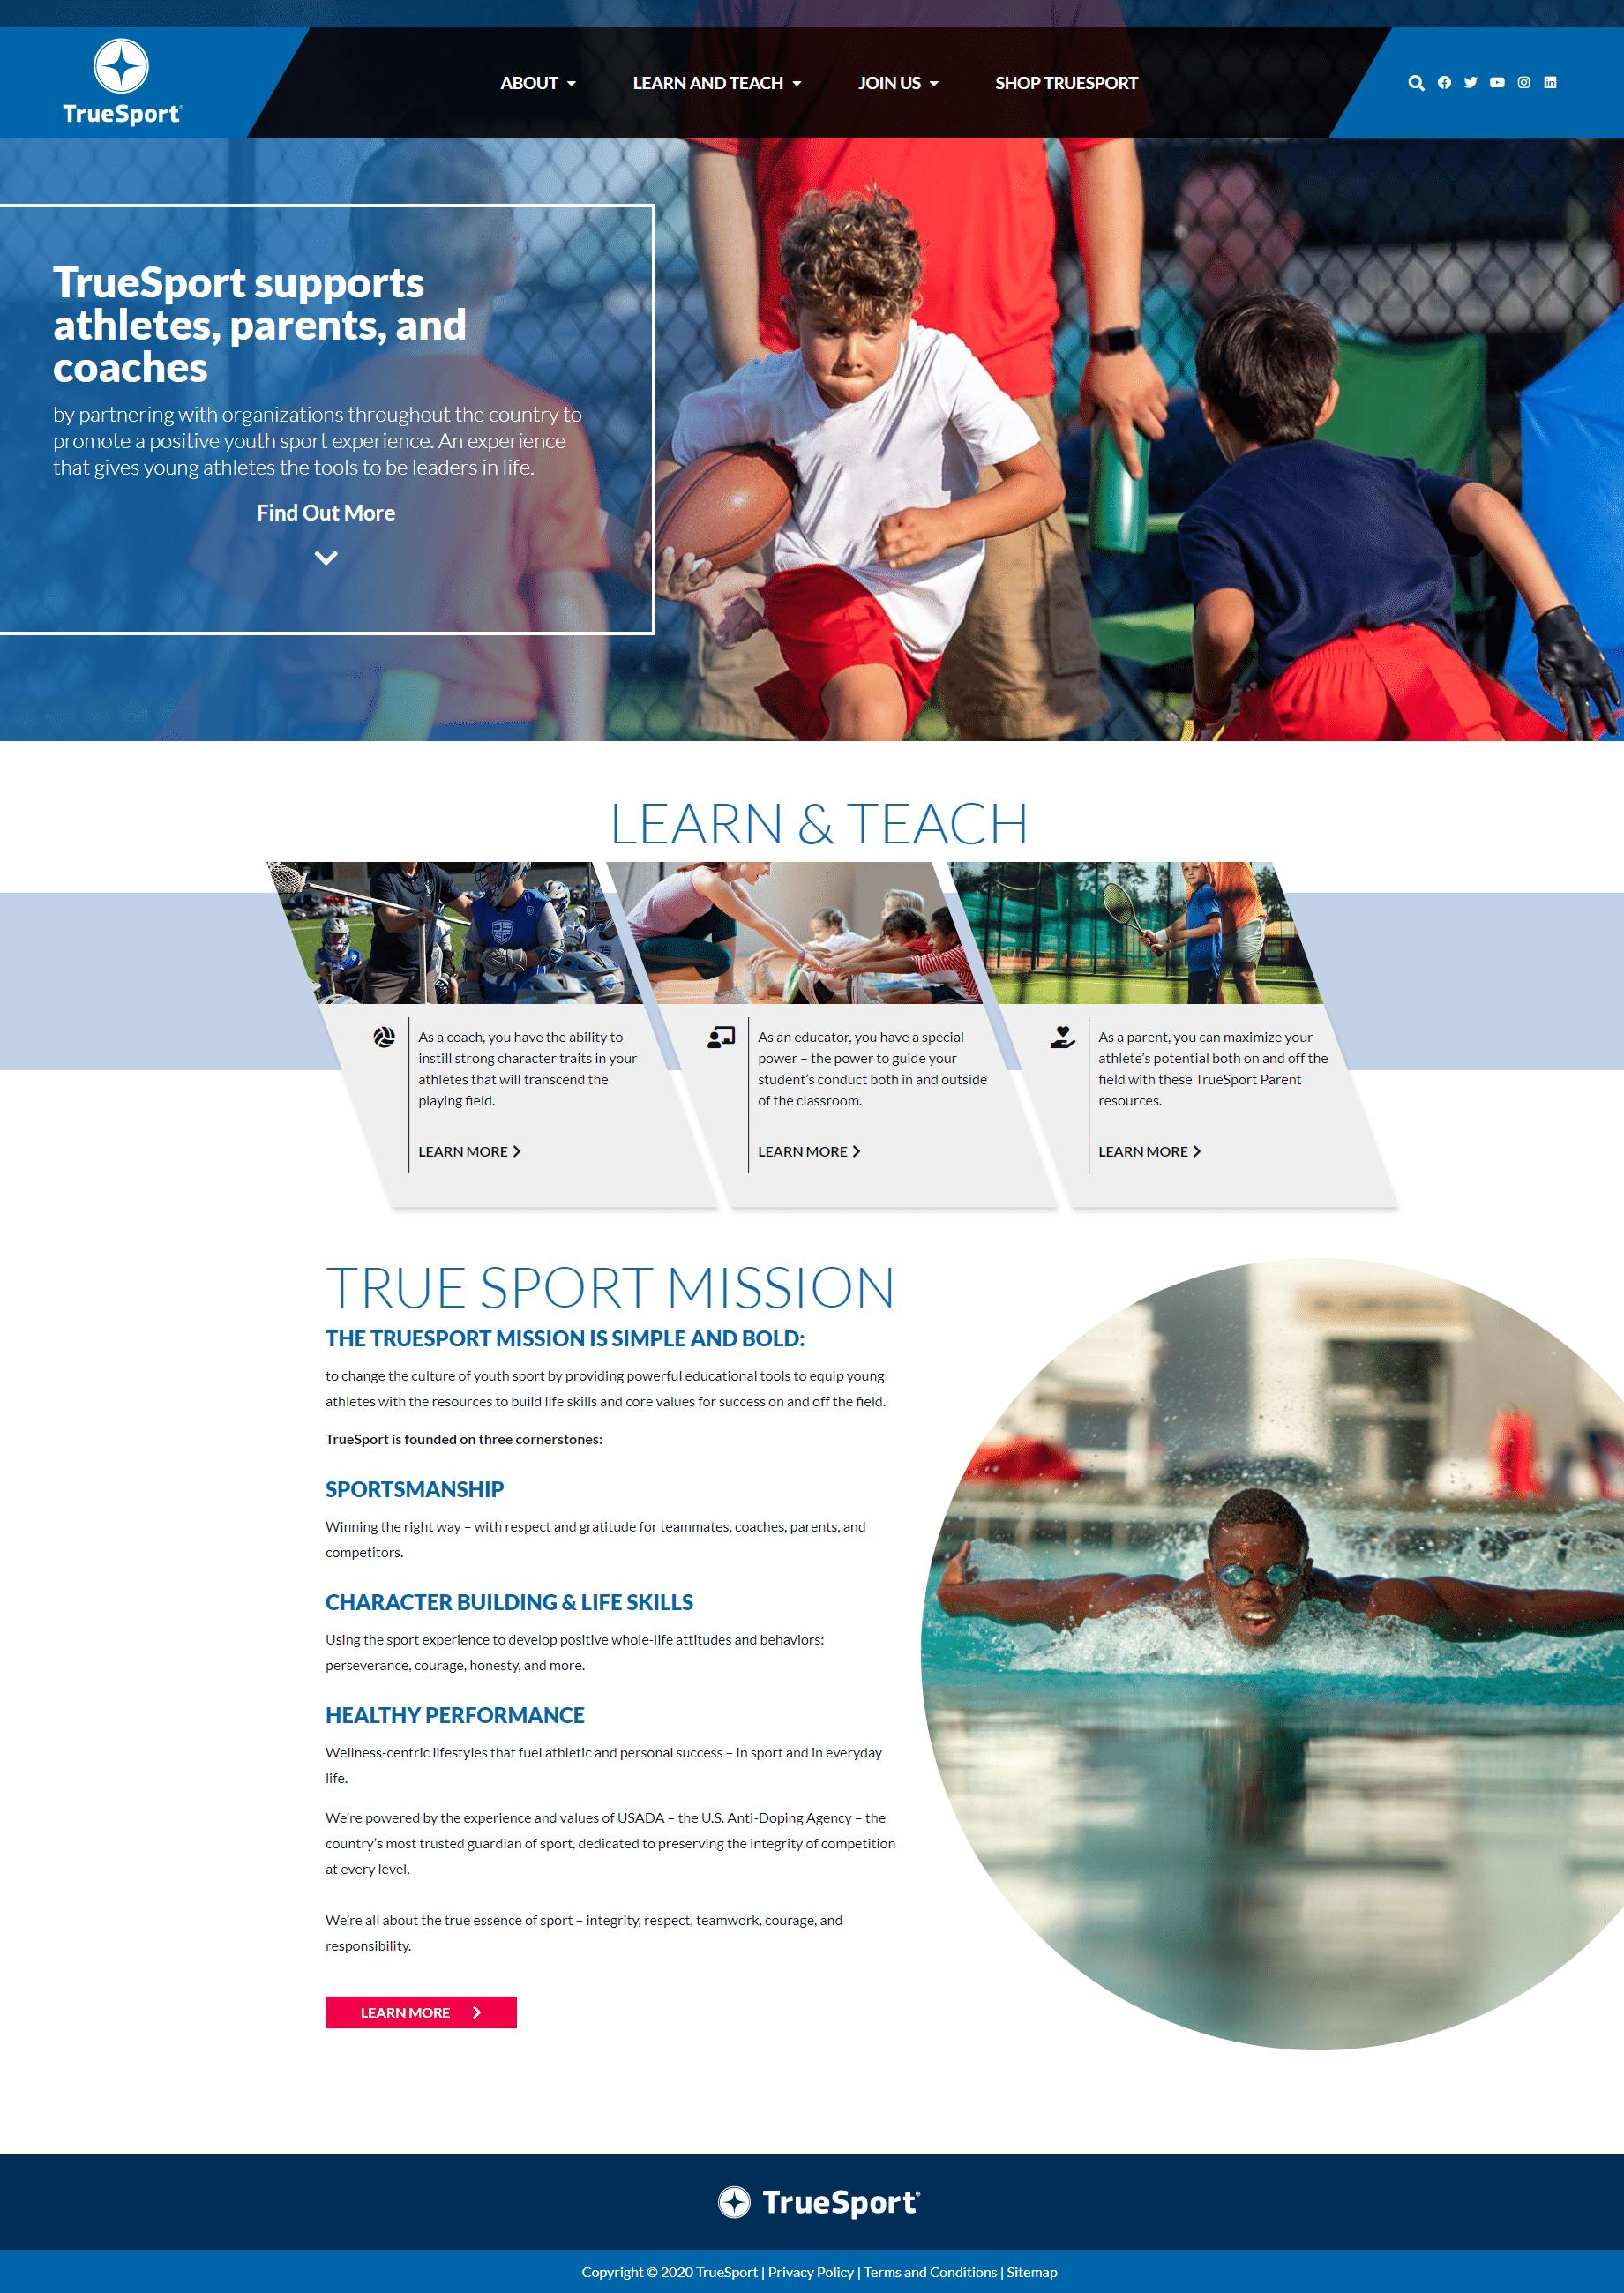 truesport website